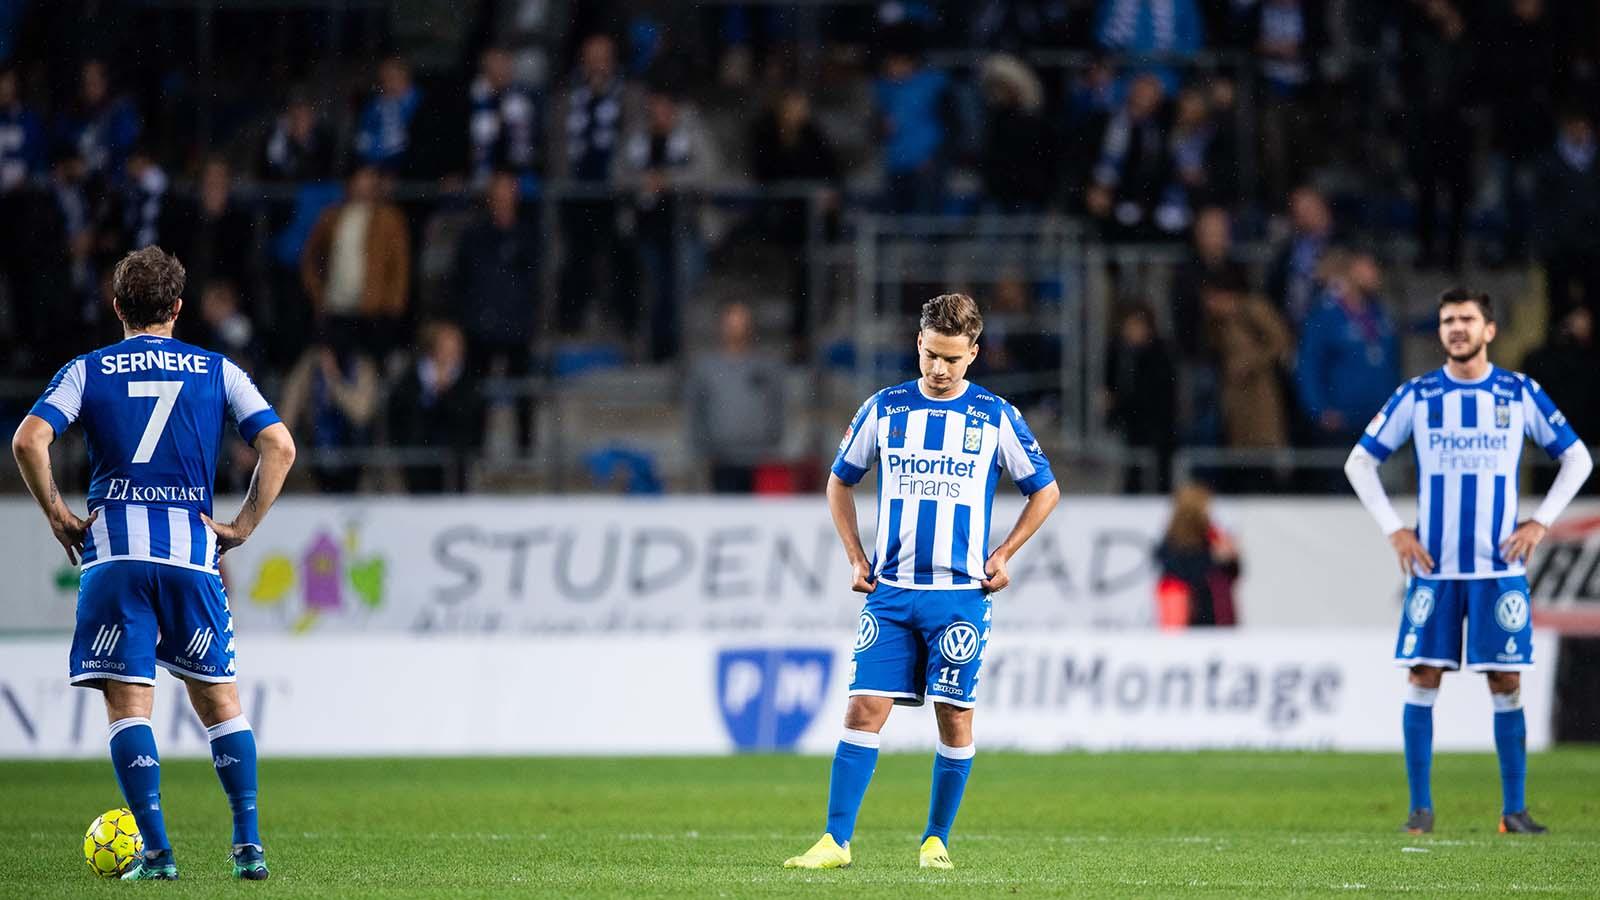 180927 AIK:s Stefan Silva deppar efter 2-0 under fotbollsmatchen i Allsvenskan mellan IFK Göteborg och AIK den 27 september 2018 i Göteborg. Foto: Carl Sandin / BILDBYRÅN / kod CS / 57999_383